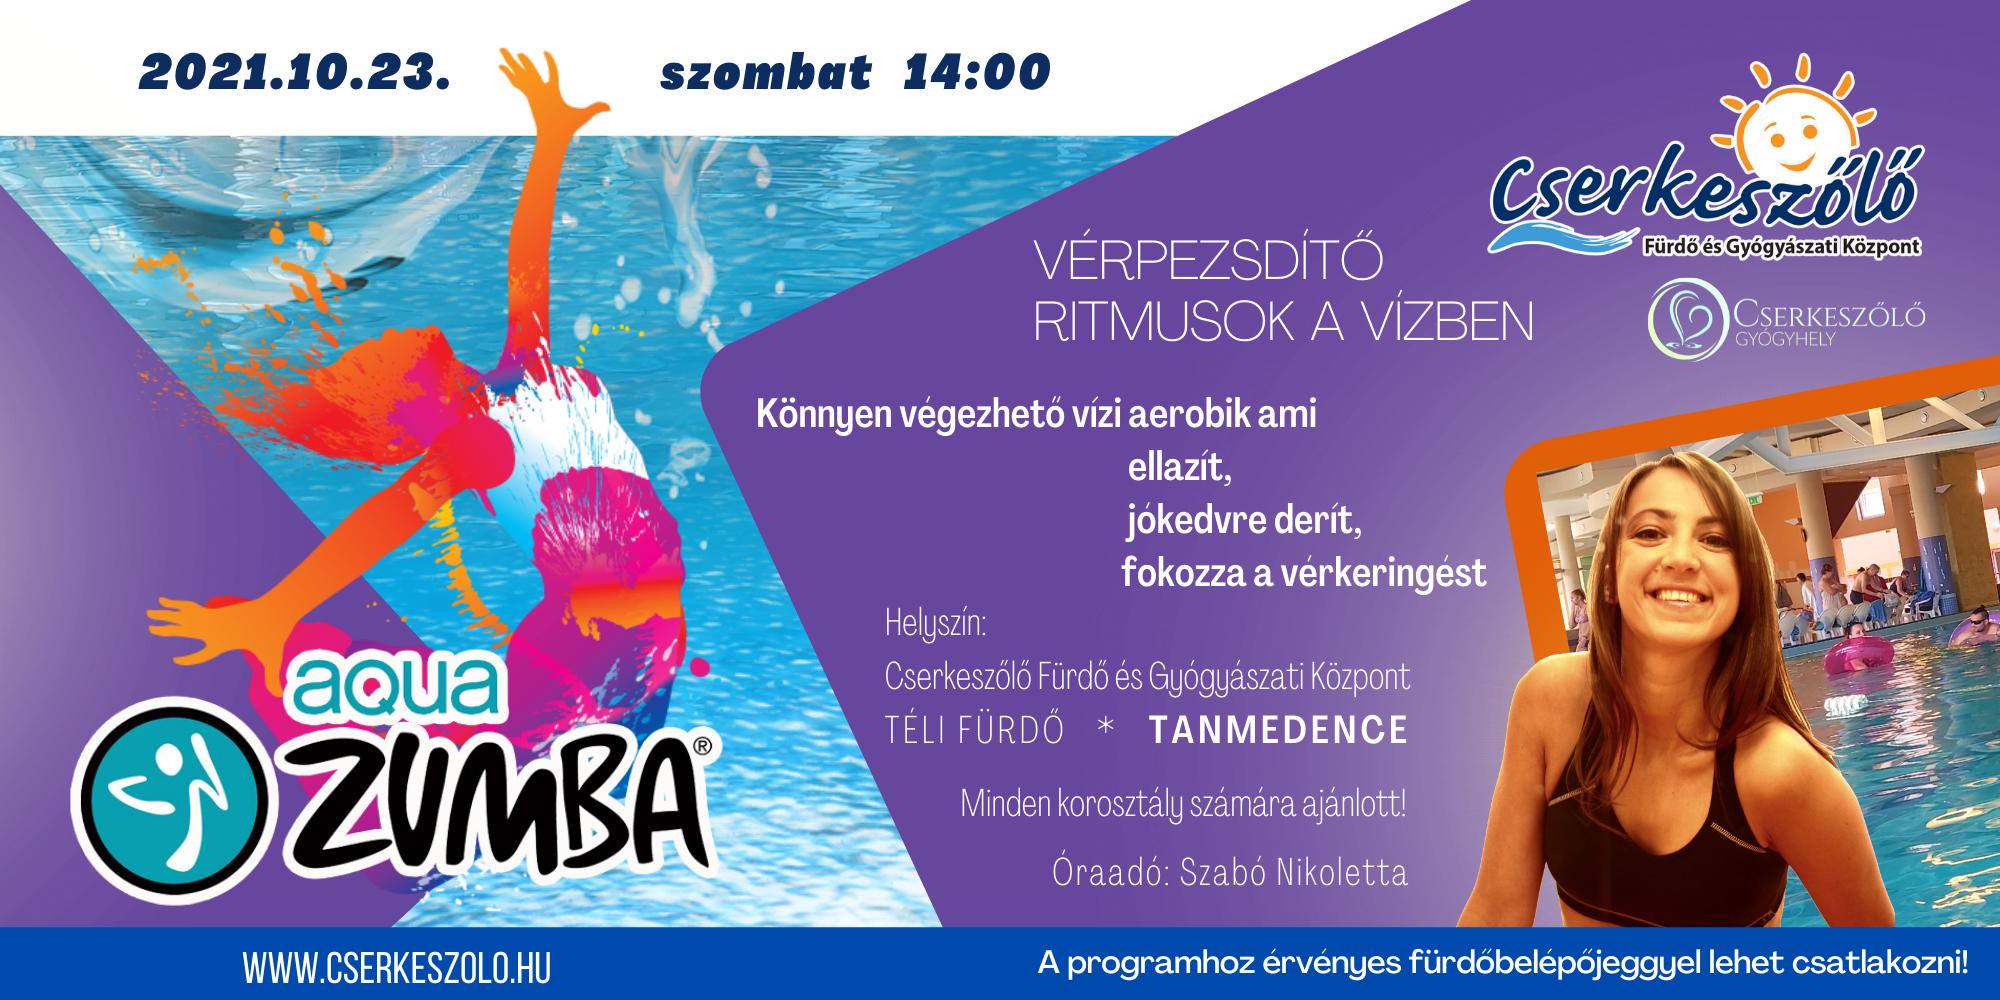 Aqua Zumba